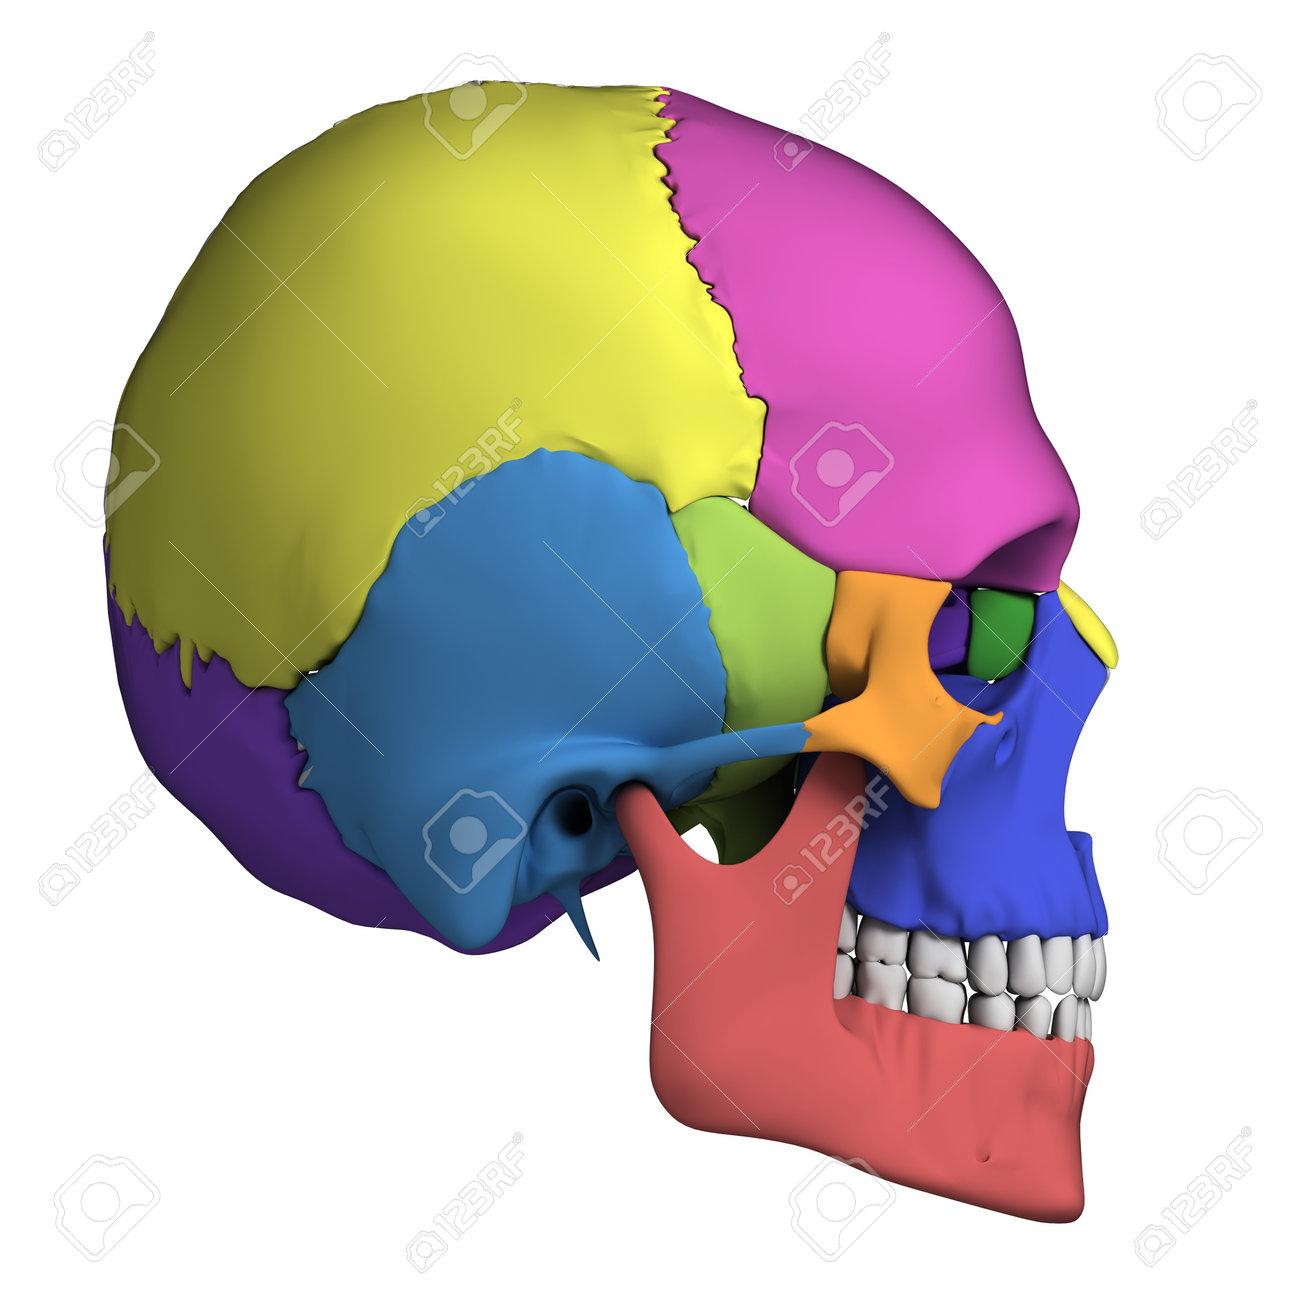 Ilustración 3d Rendered - Anatomía Cráneo Humano Fotos, Retratos ...